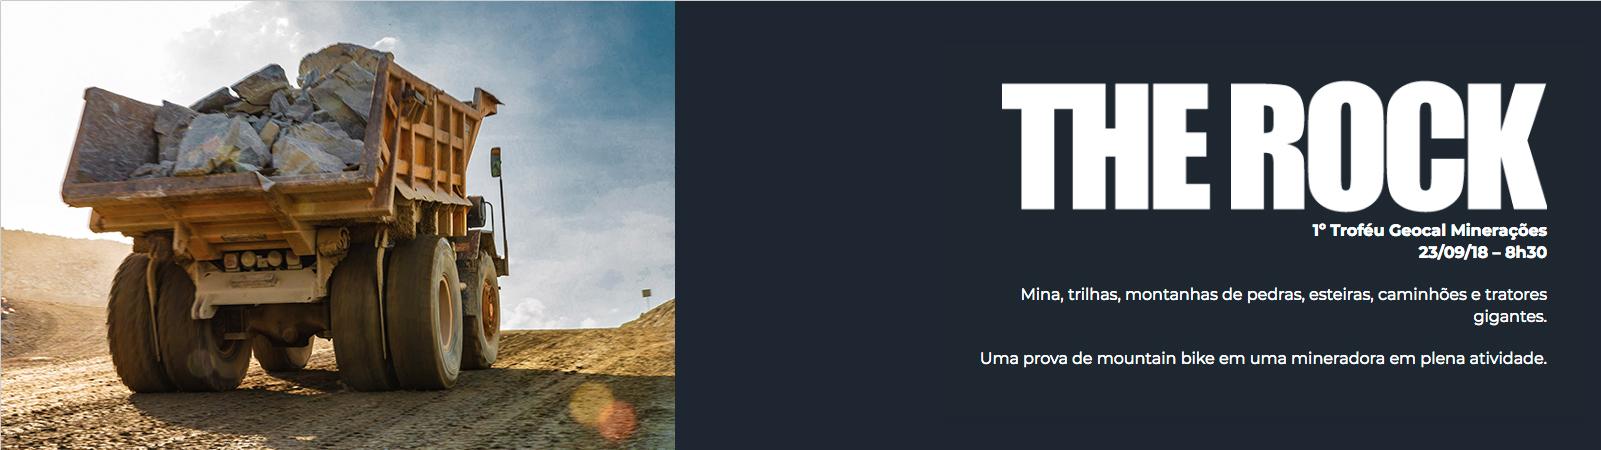 THE ROCK MTB - Imagem de topo